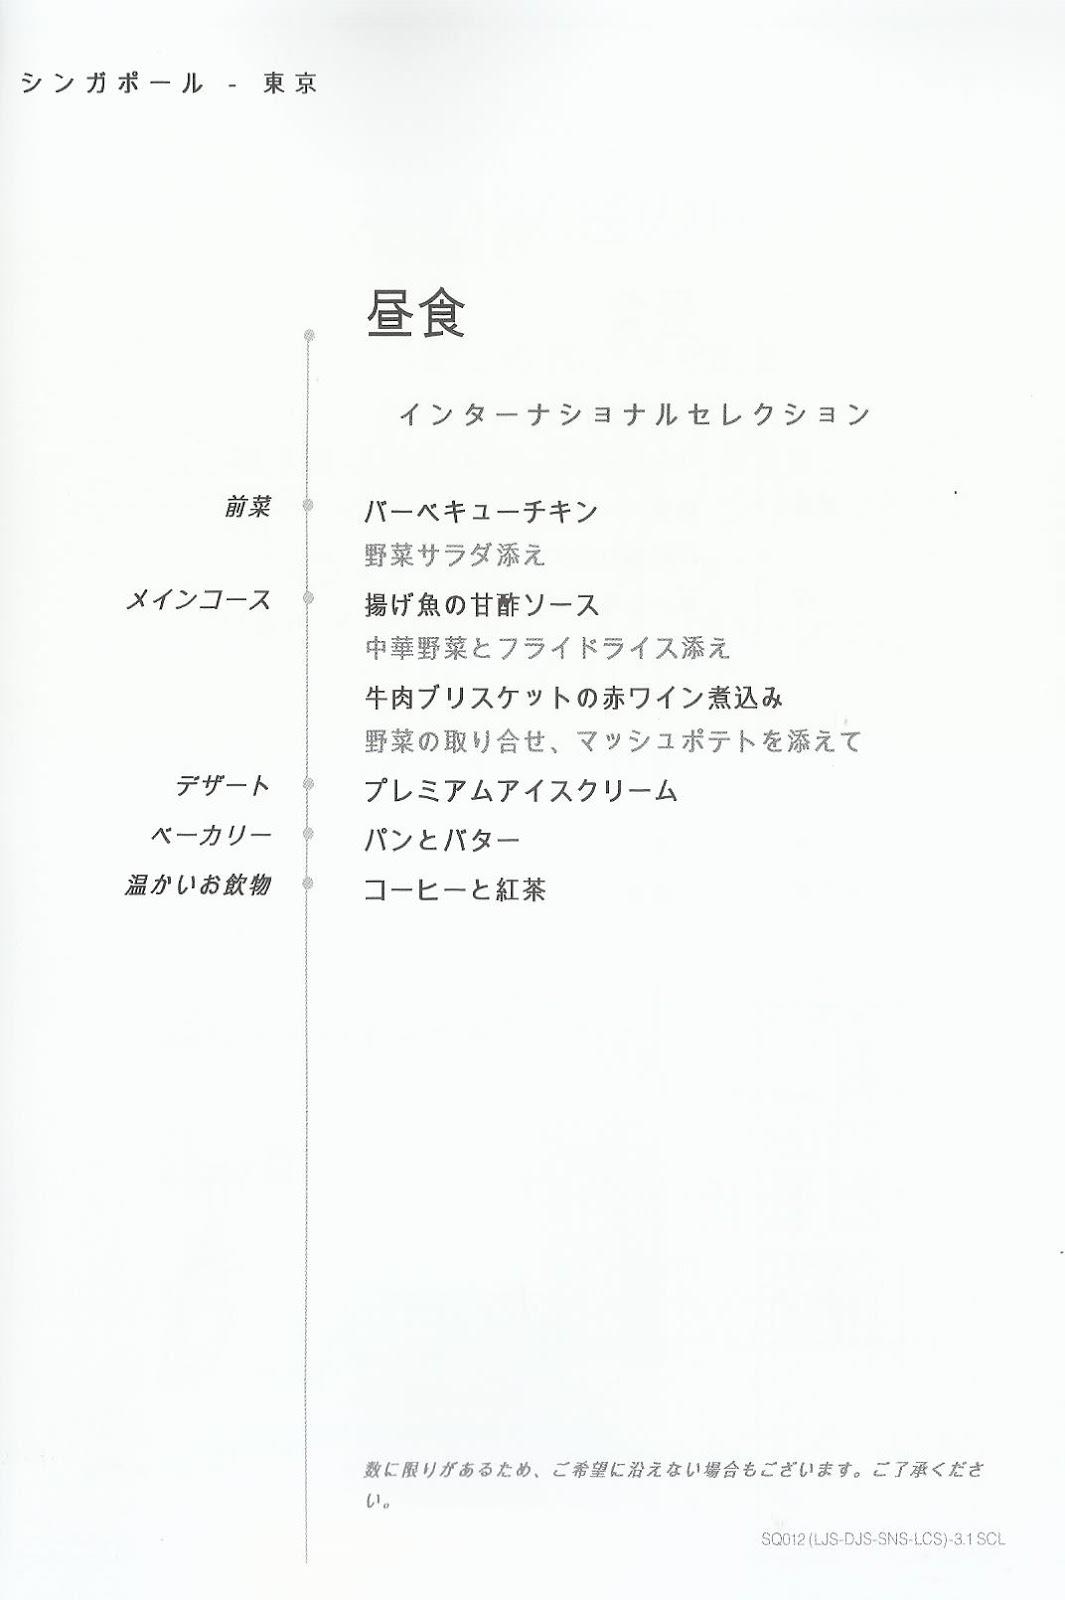 多国籍料理オプション(2種類)